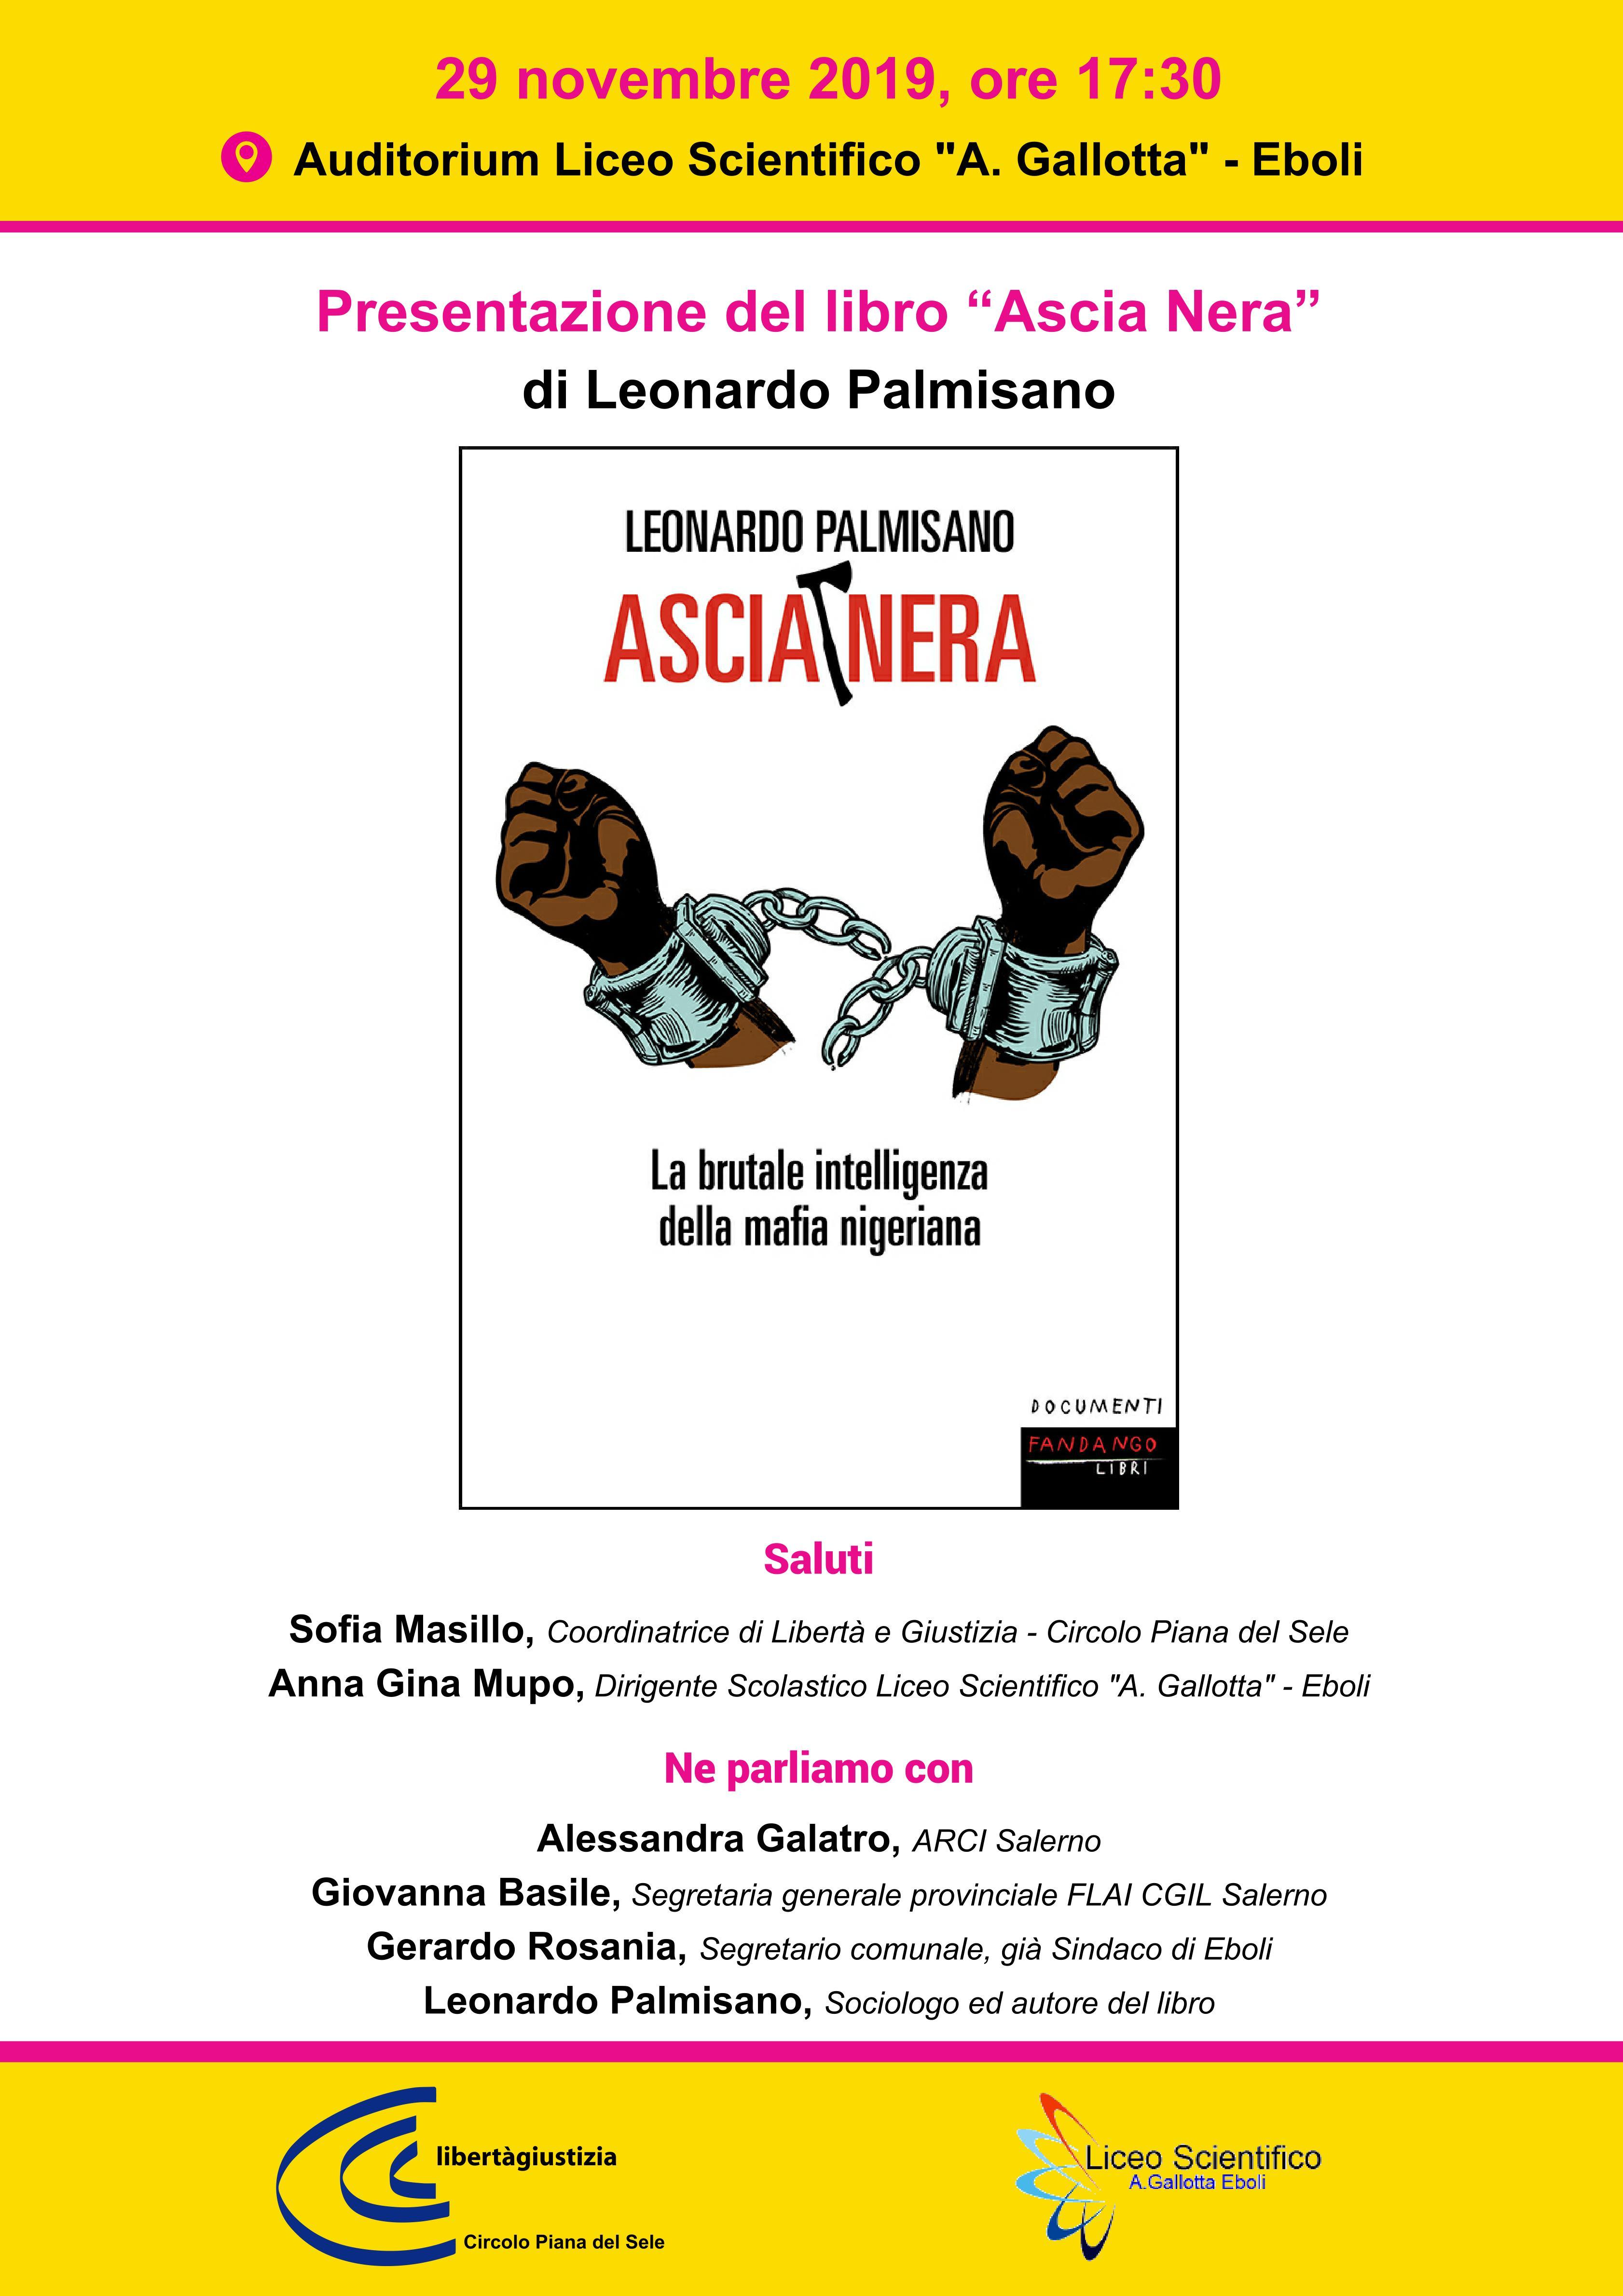 Definitiva Locandina Libro Ascia Nera 2019_1